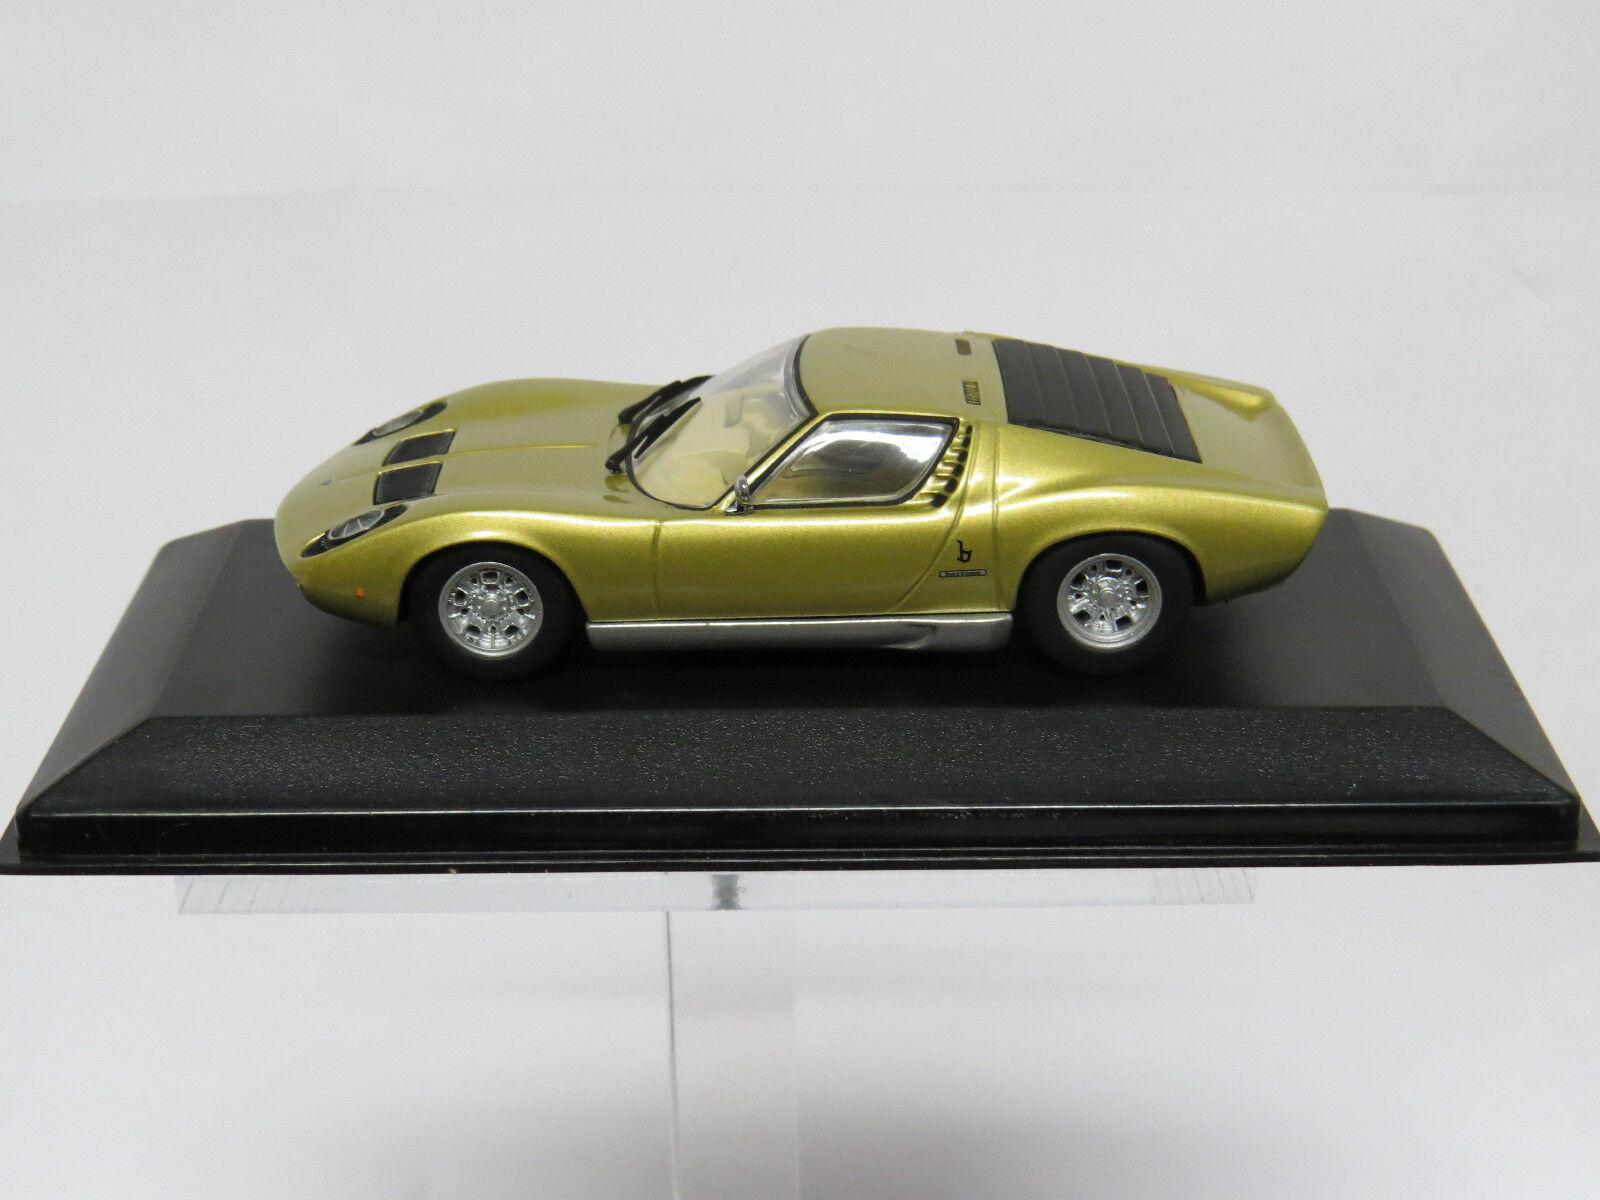 Lamborghini Miura 1 43  oro  Minichamps Nr. 430103001